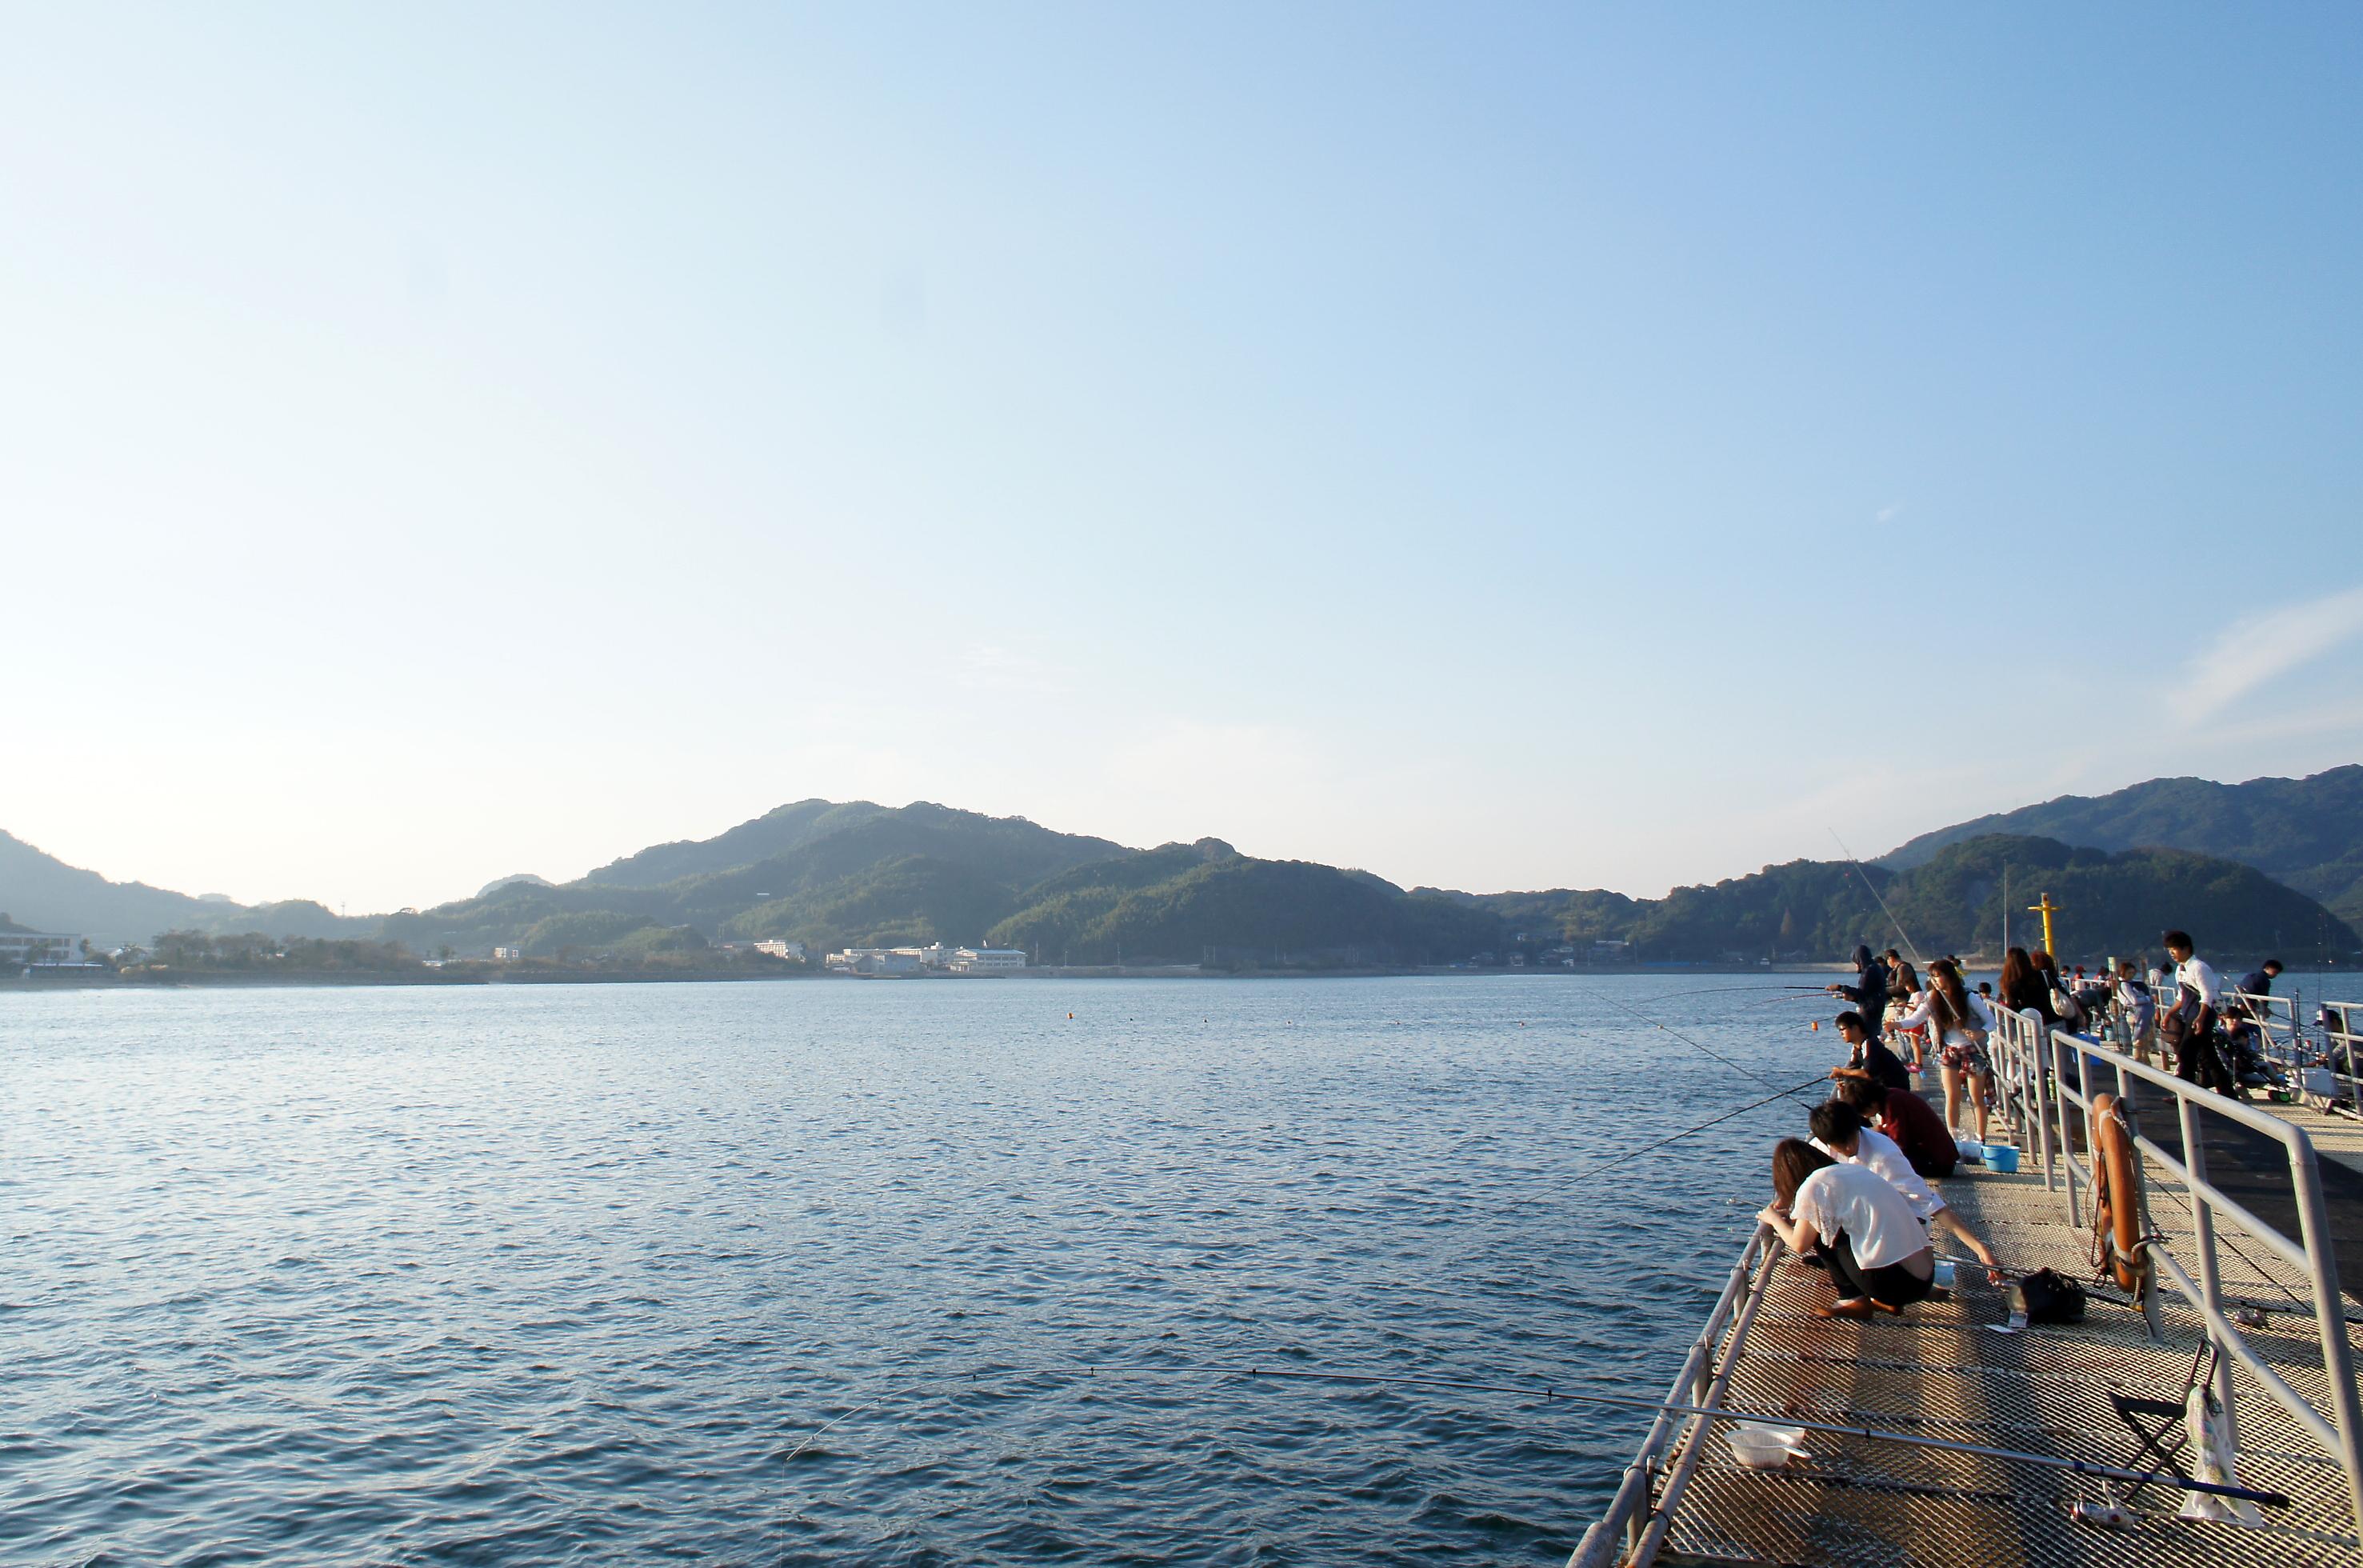 大洗港は釣りの人気スポット!その豊富な魚種や駐車場等の施設紹介!